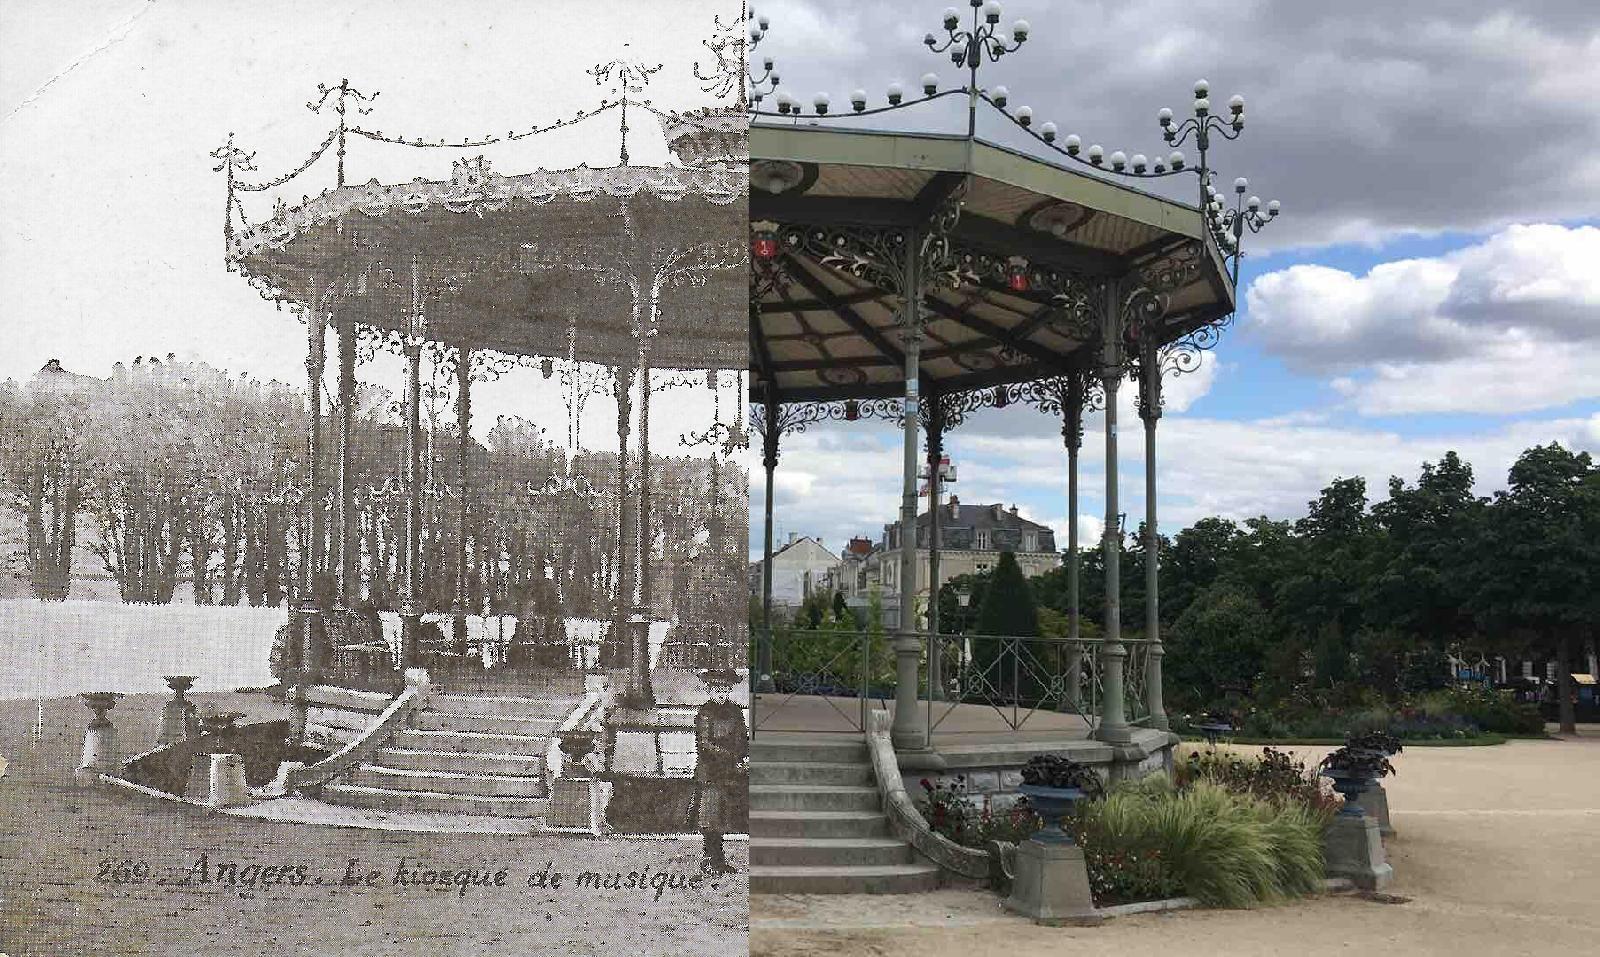 Angers - Le kiosque de musique - 269 L. V. & Cie